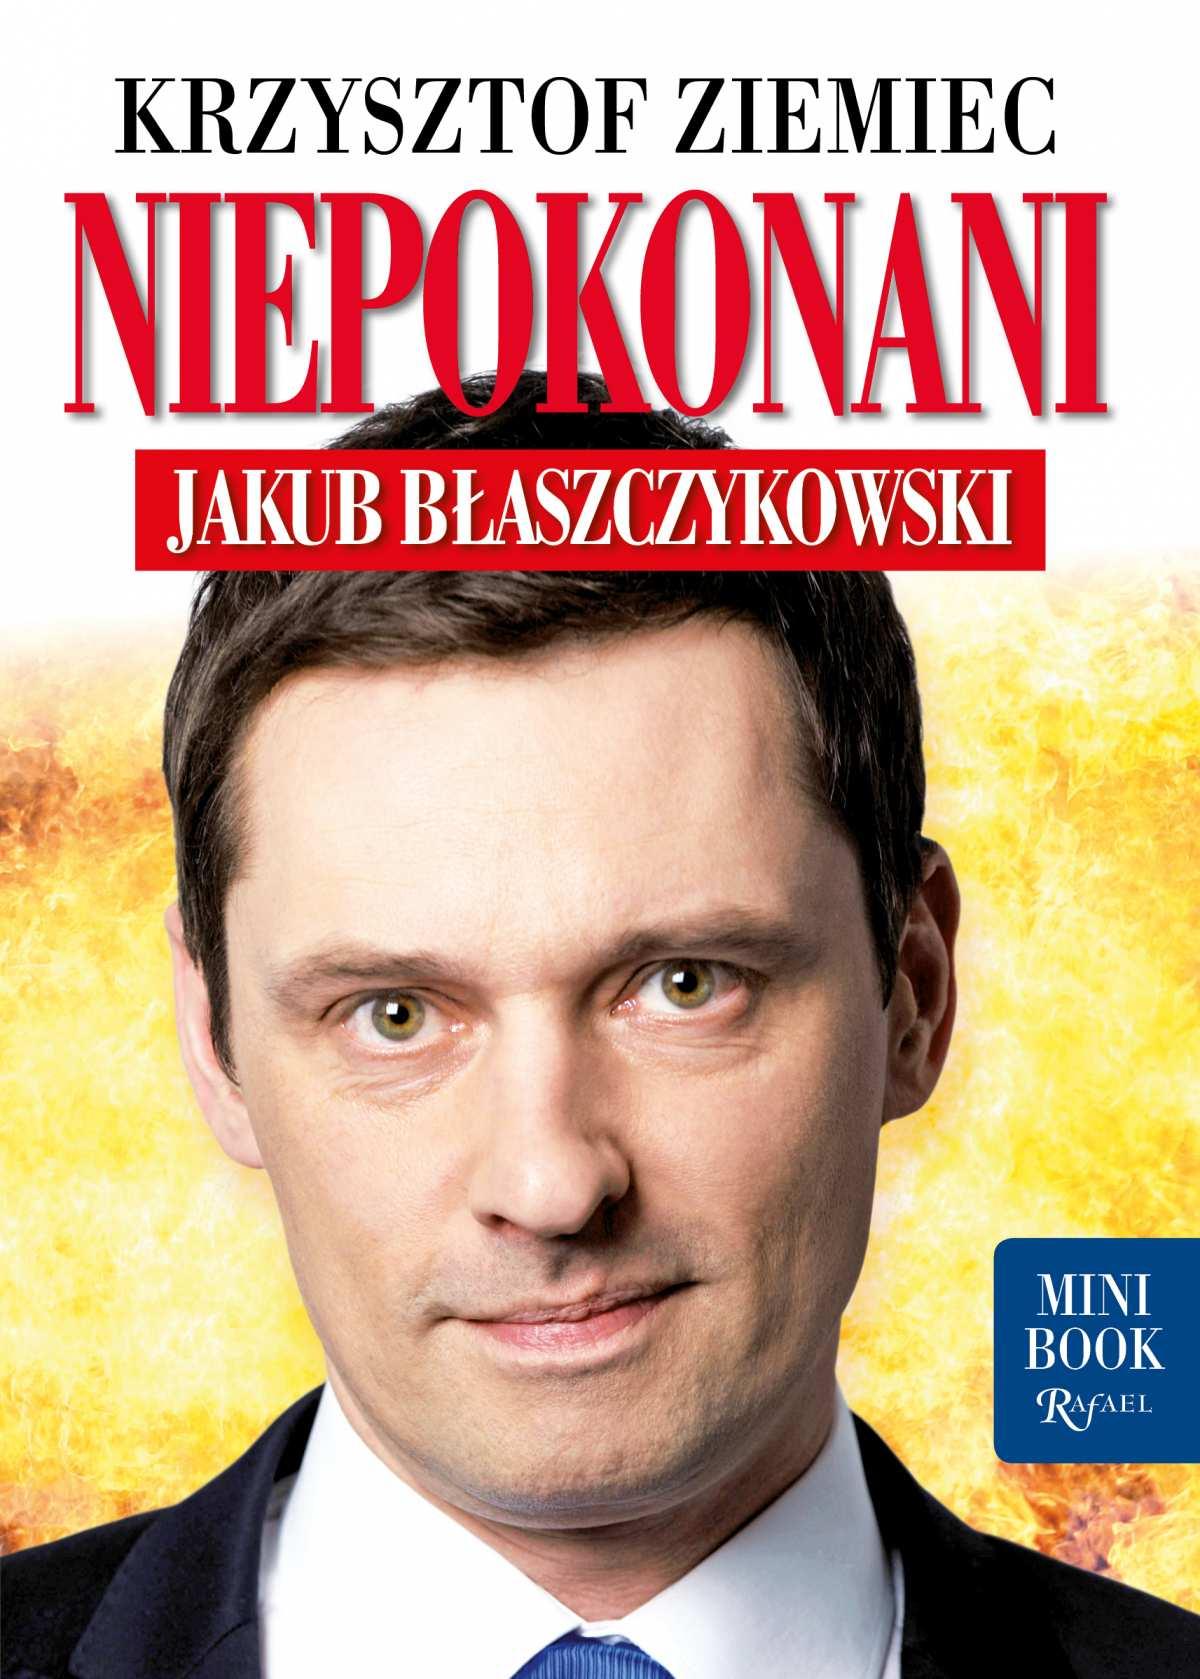 Niepokonani - Jakub Błaszczykowski - Ebook (Książka EPUB) do pobrania w formacie EPUB